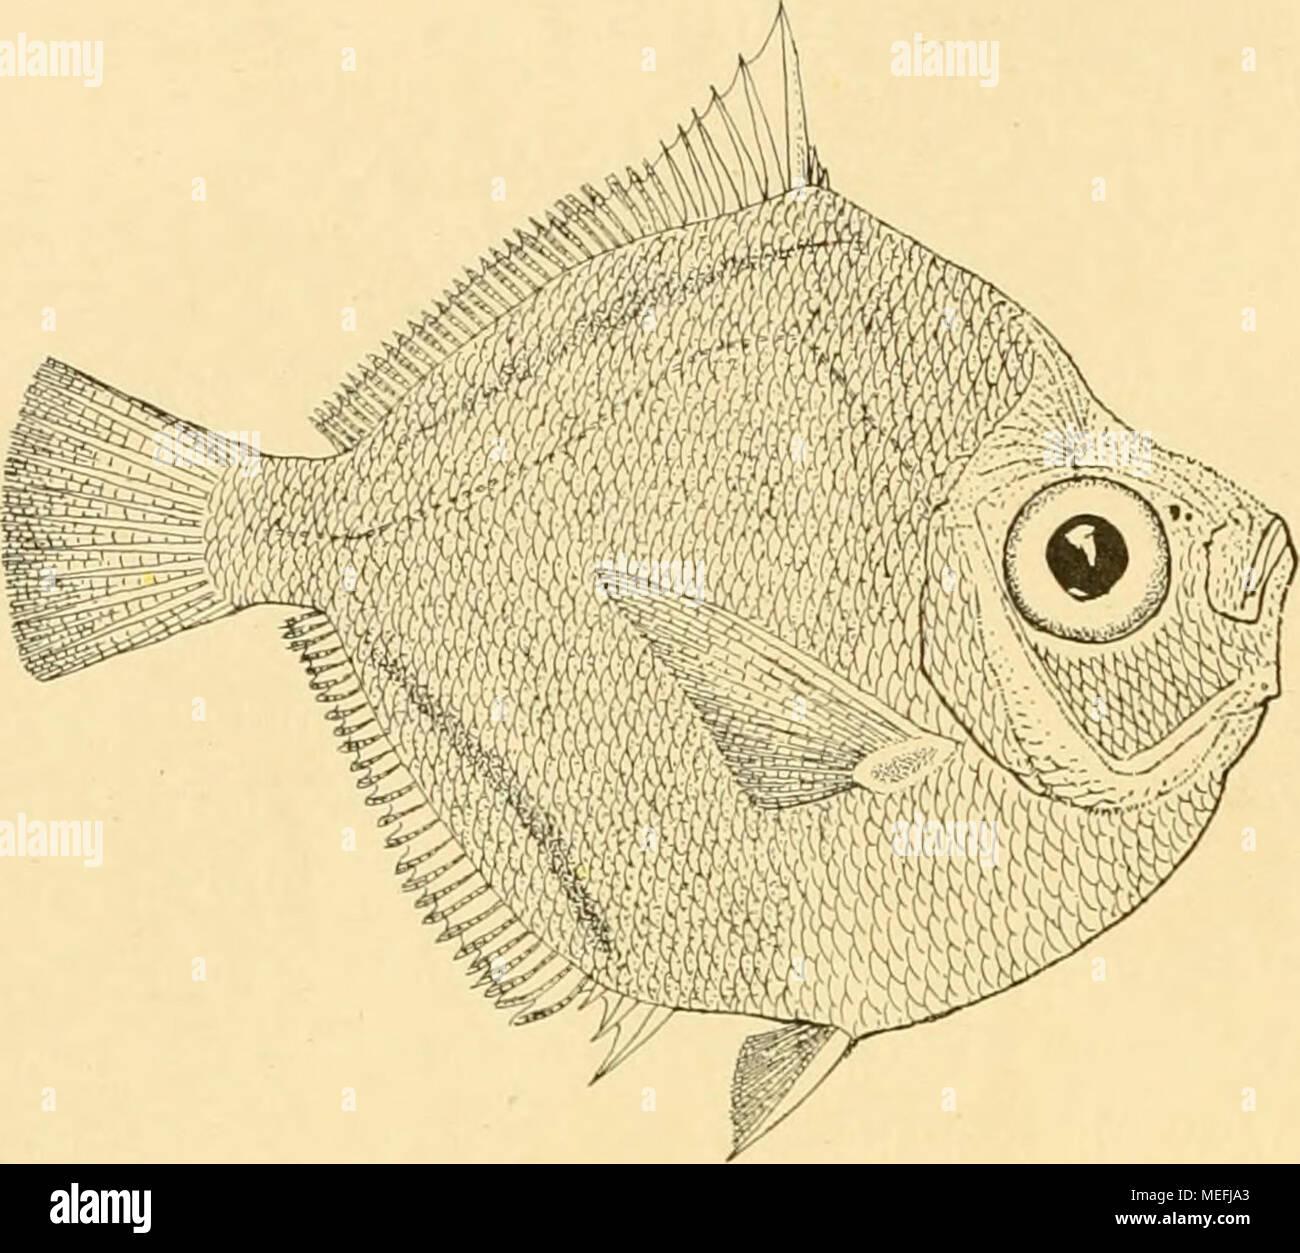 . Die Fische der Siboga-expedition . Fig. 69. Antigoiiia malayana n. sp. von Stat. 251. nat. Gr. Höhe. 54 mm 57 . 53 j) Länge. H( ihe in Länge. 90 mm 1.66 86 â 1.50 83 . 1.56 Höhe. 53 mm 48 â 50 ., ö Länge. 82 mm 79 Â« 76 â Höhe in Länge. 1-54 1.64 1.52 Diese neue Art unterscheidet sich von allen bisher beschriebenen sofort durch den senk- rechten, ventralwärts concaven Unterkiefer, der lebhaft an den Unterkiefer von Eqmila inter- rupta und insidiatrix erinnert. Eine Vergleichung mit den übrigen bekannten Arten wird durch nachstehende Tabelle erleichtert. Antigonia: capfos. : Steinda Stock Photo